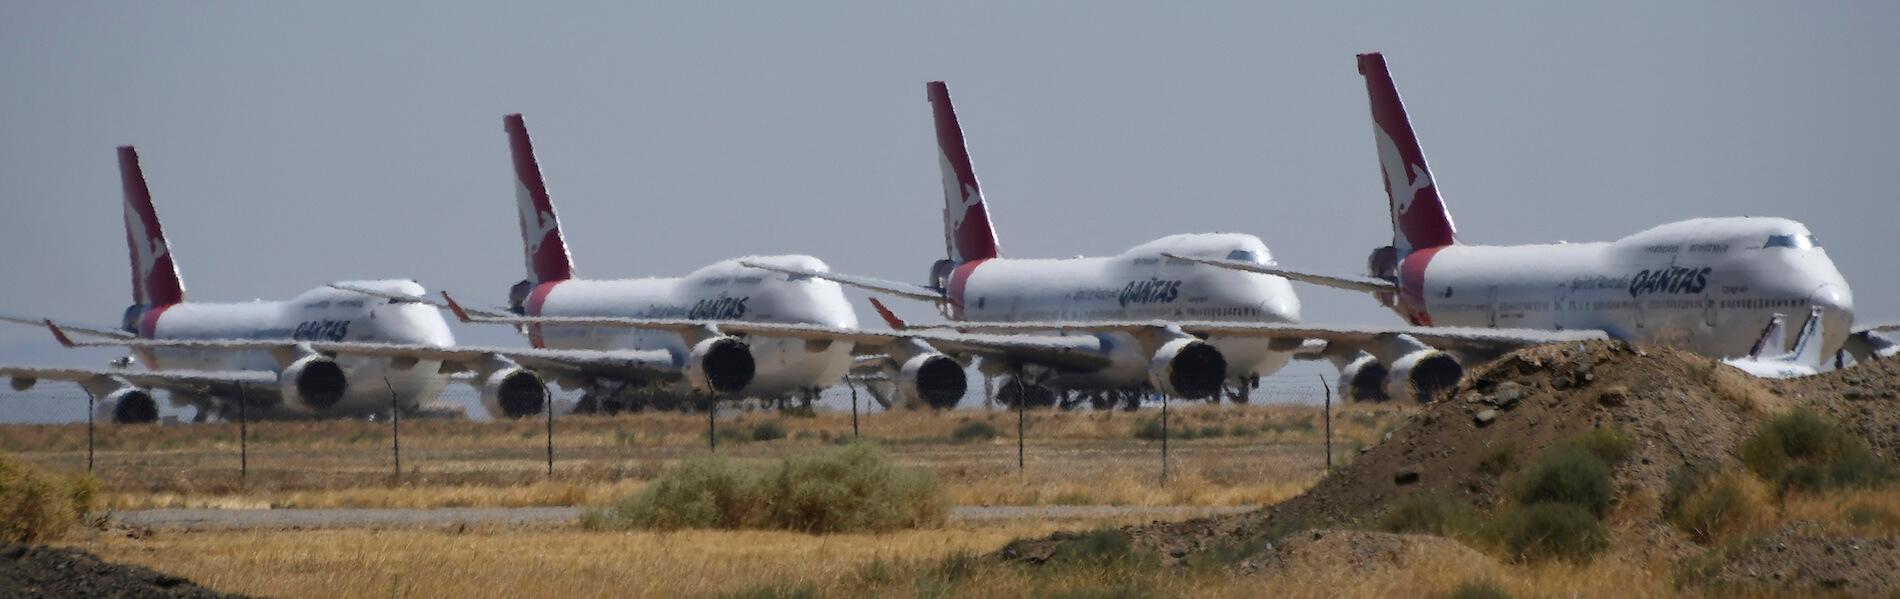 Mojave Airport: Parkplatz der Stillgelegten